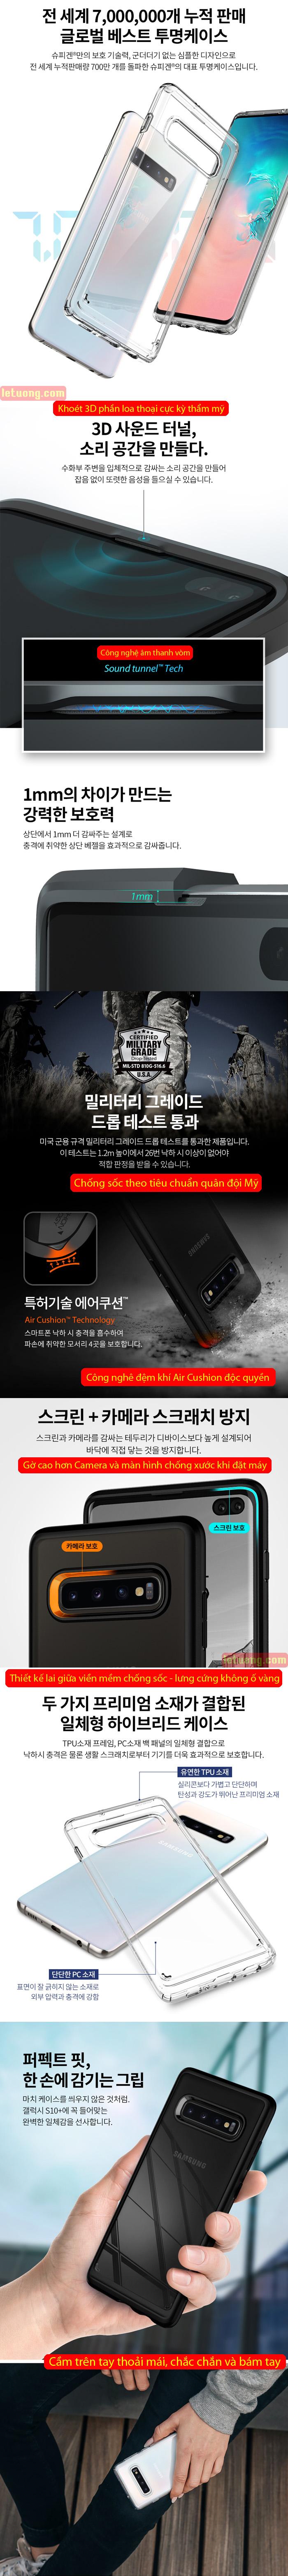 Ốp lưng Galaxy S10 Plus Spigen Ultra Hybrid trong suốt ( Hàng USA ) 2